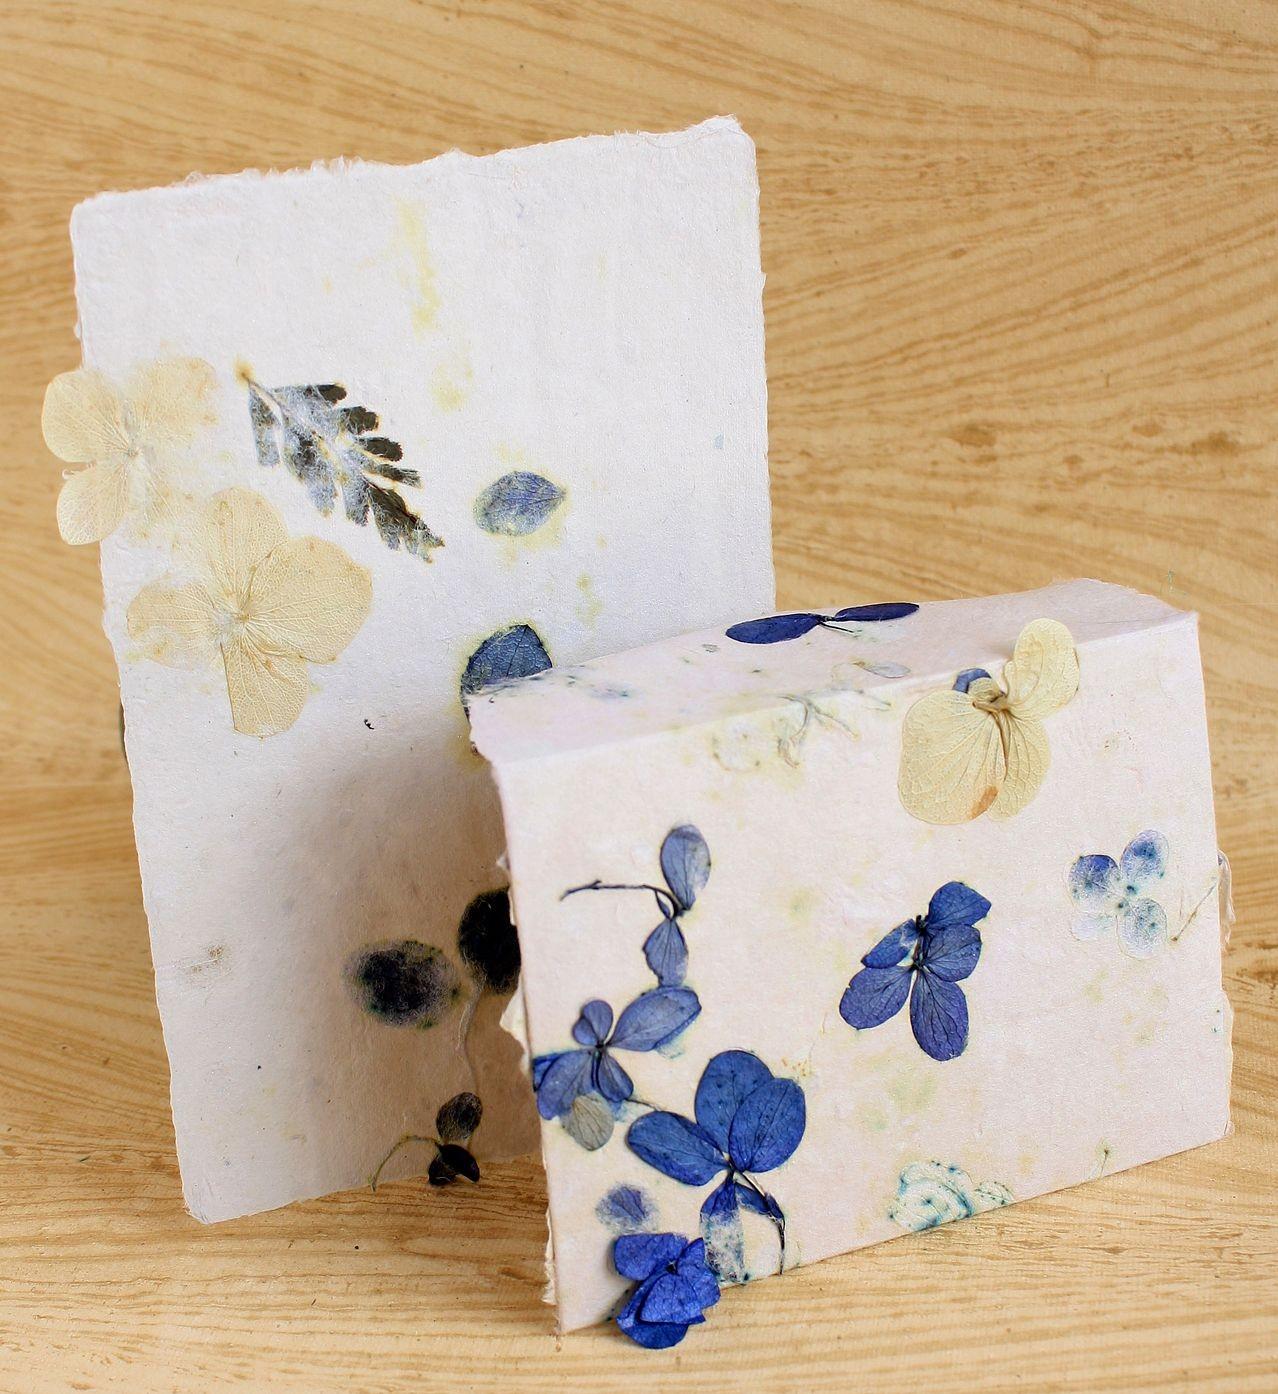 Stitch Papercraft Blueberry Muffin Stationery Set